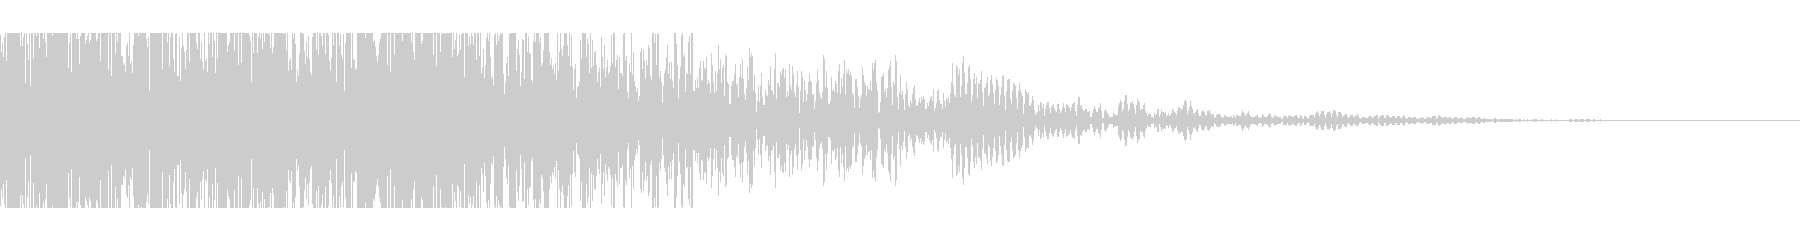 獣モンスターの叫び(迫力ある重低音)の未再生の波形